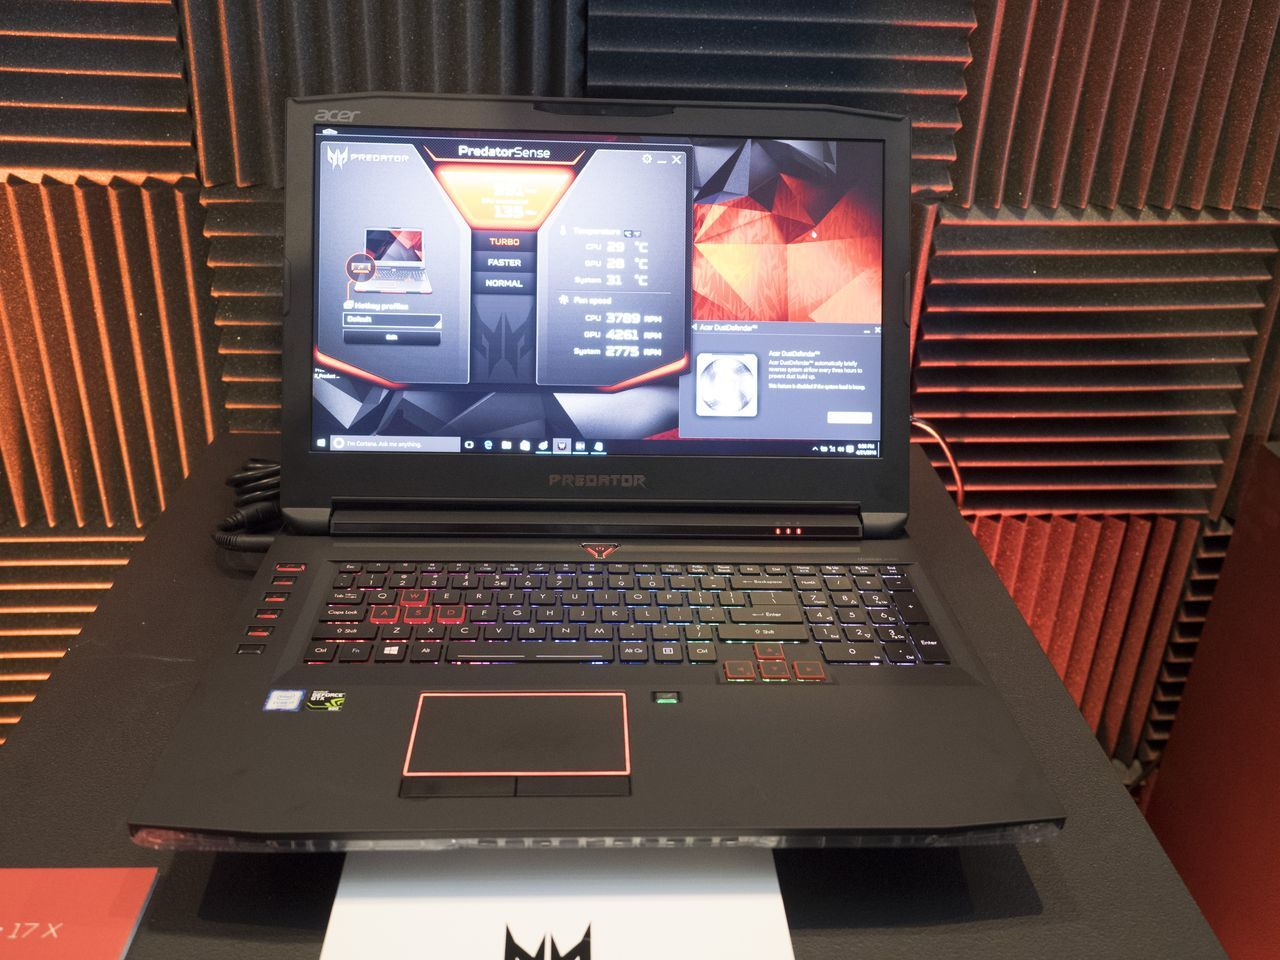 Next@Acer: Самый мощный игровой ноутбук с воздушным охлаждением, велокомпьютер, Chromebook для работы и другие новинки - 18